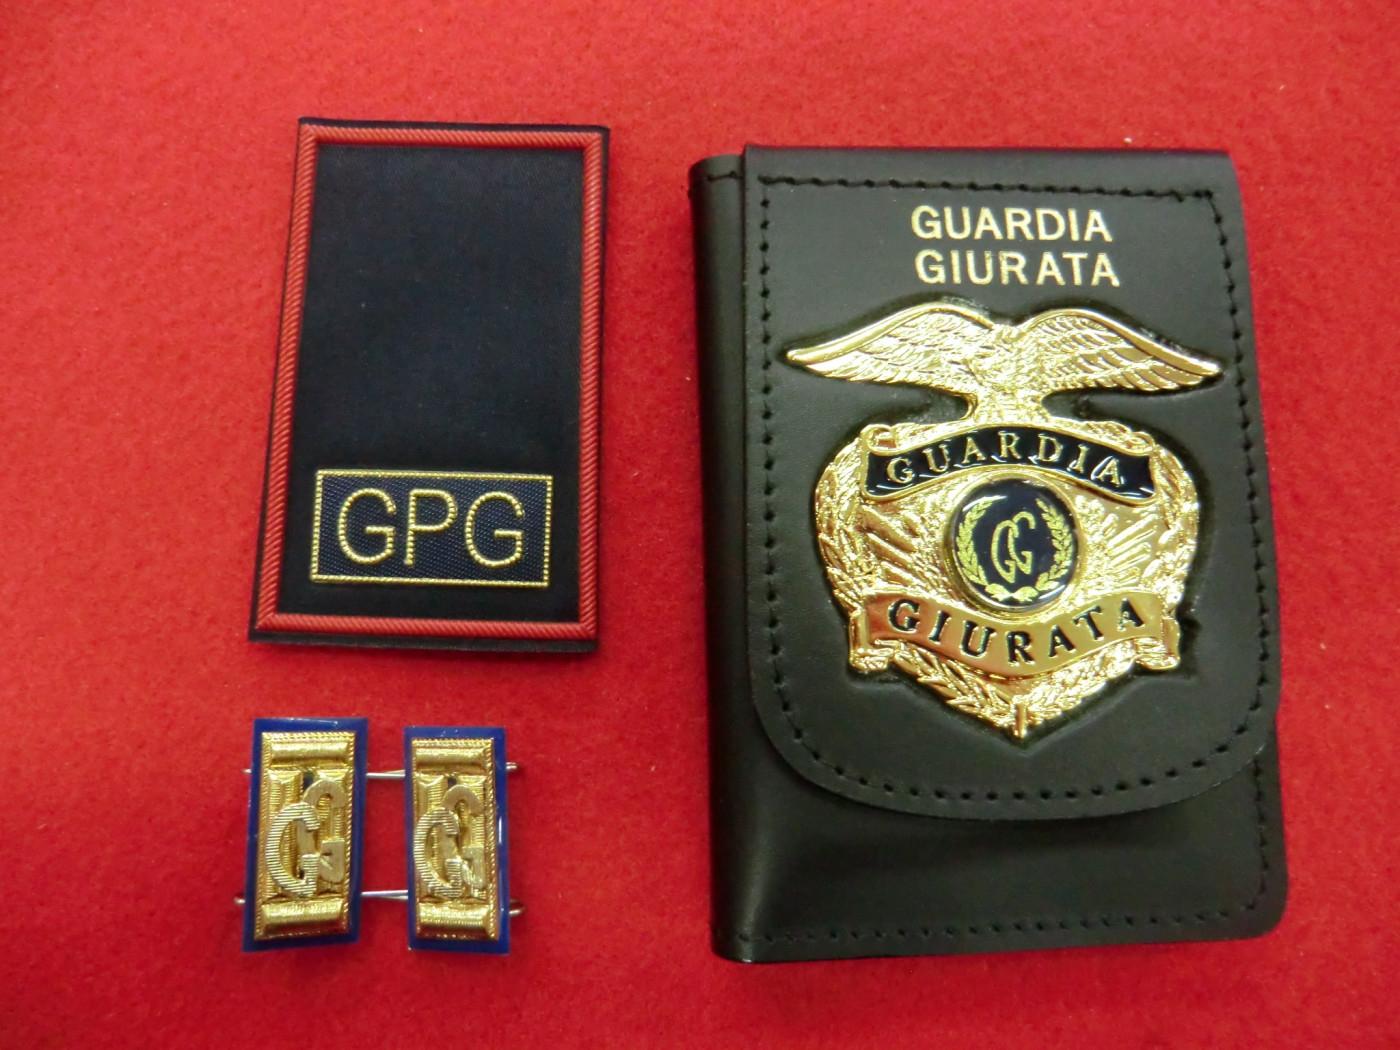 Porta documenti con placca e tubolari rossi e blu per guardia giurata